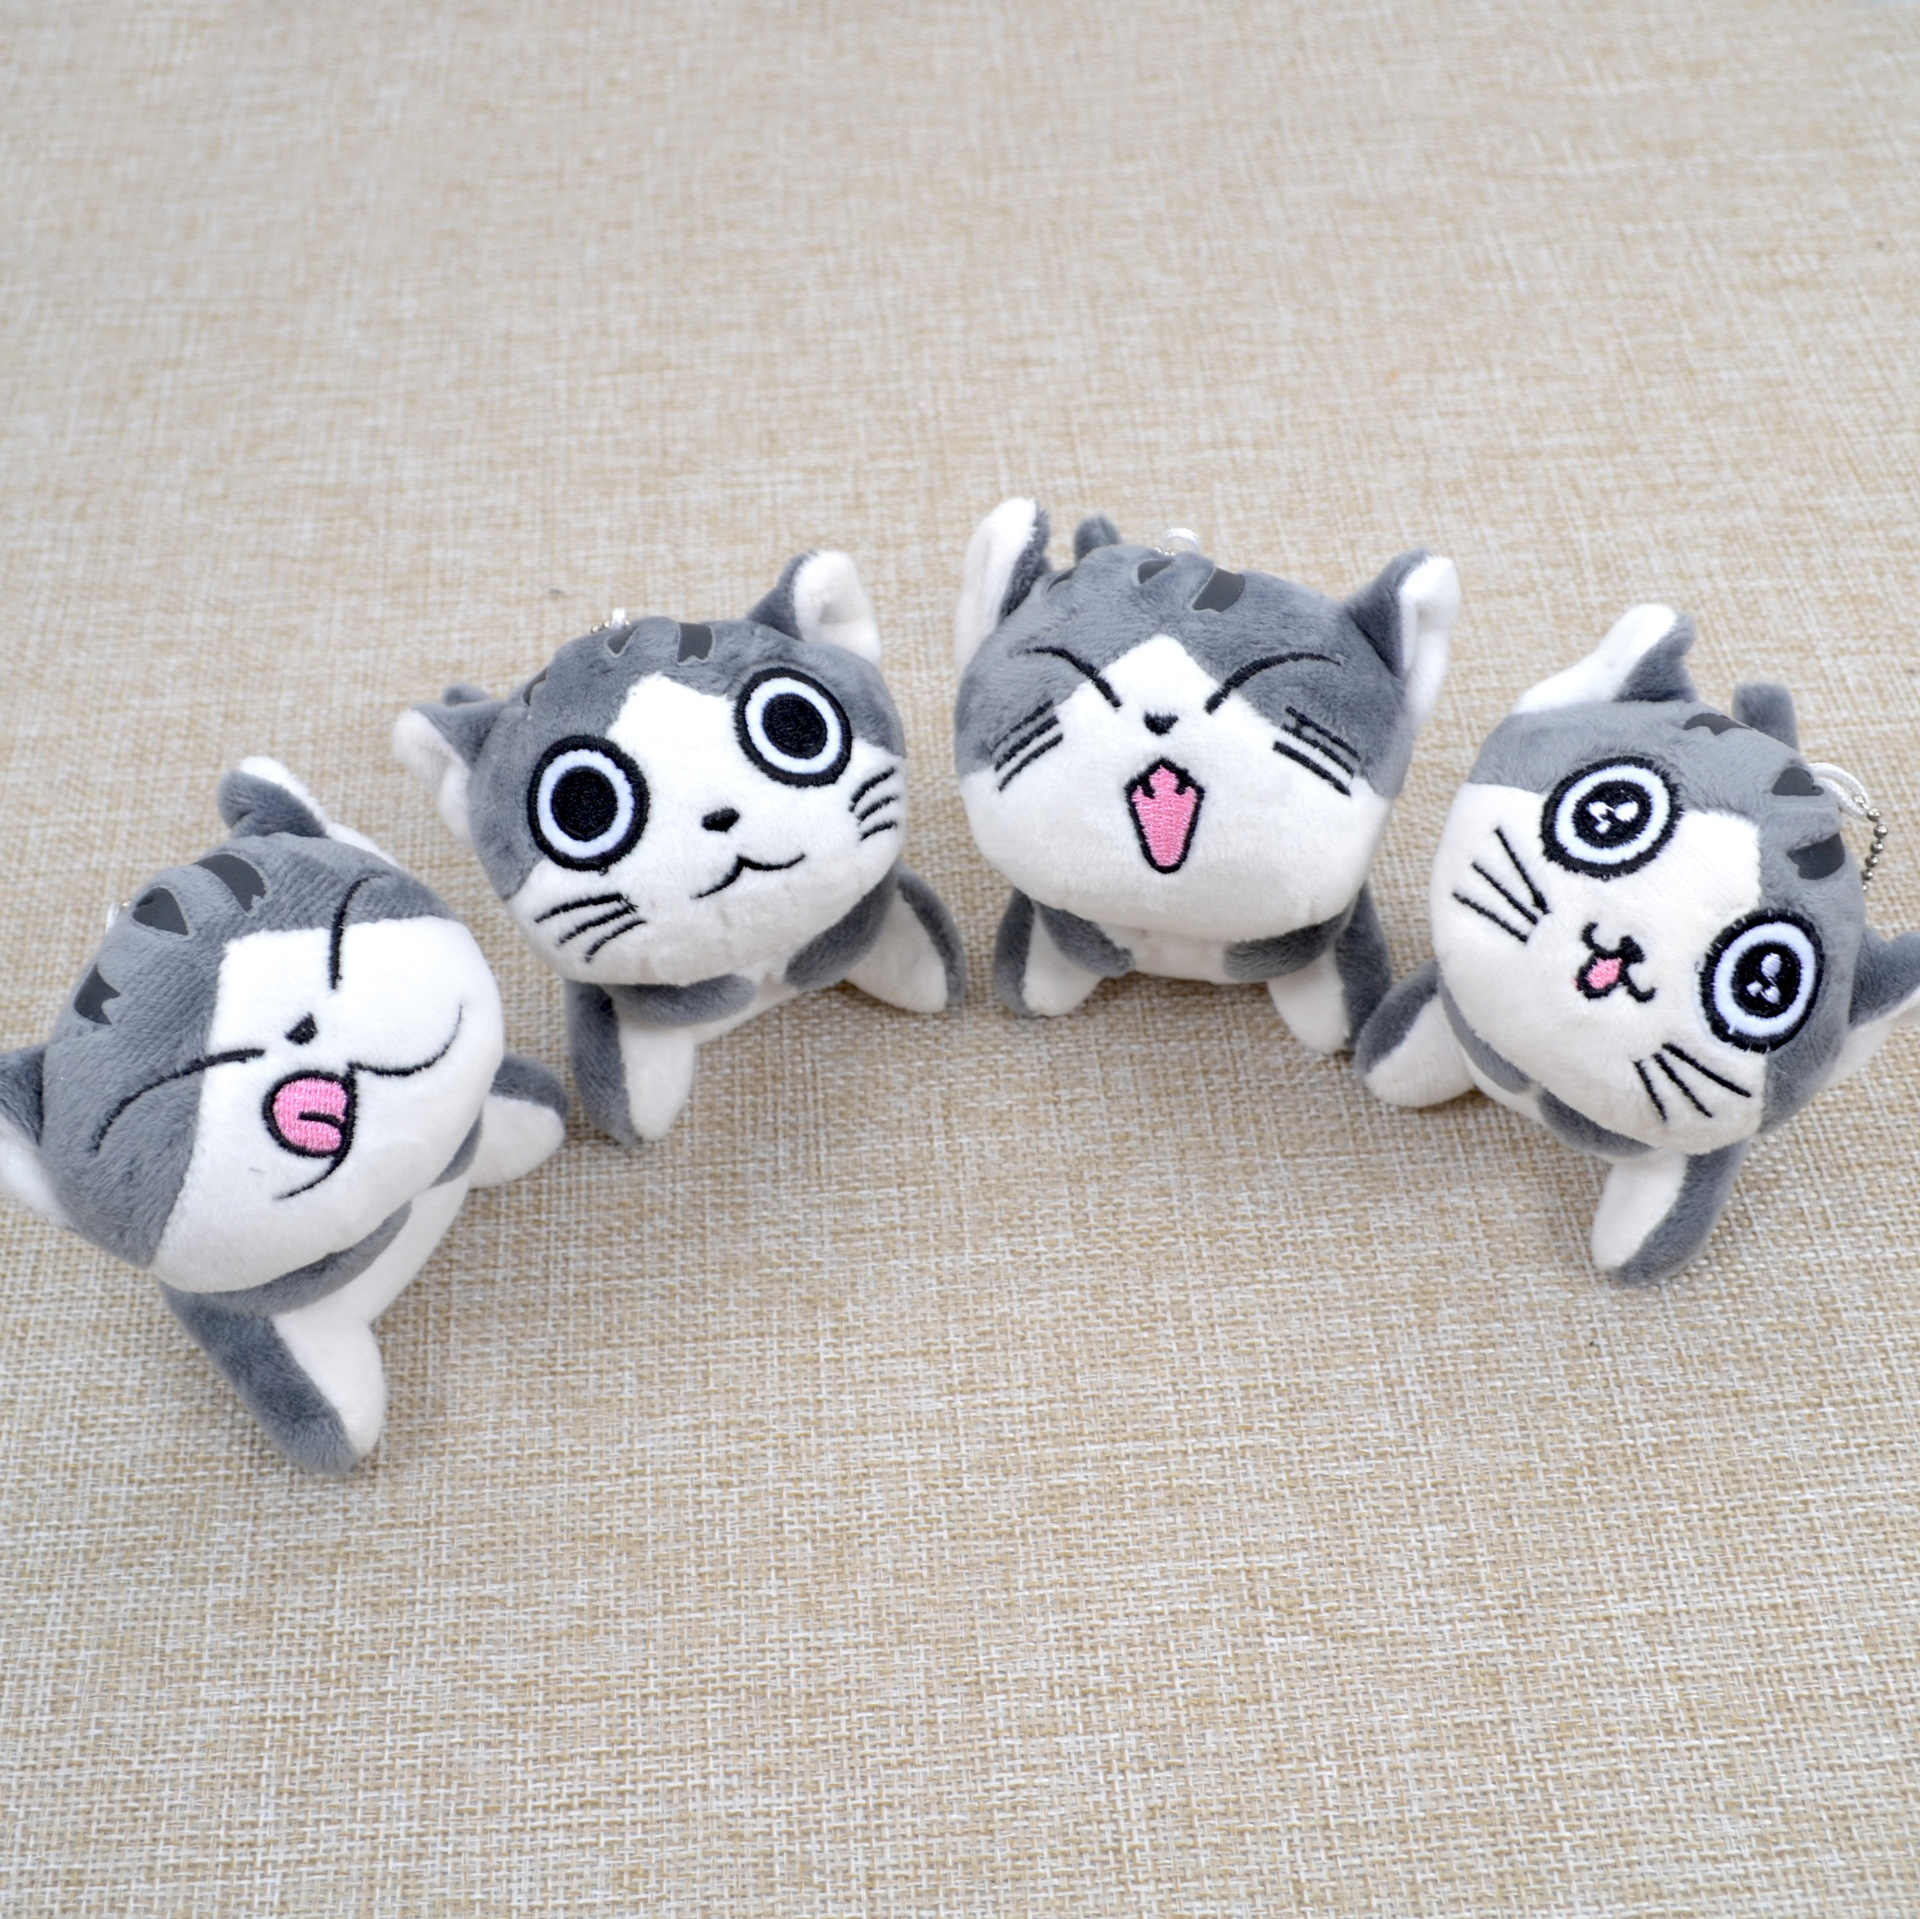 10cm Kawaii 부드러운 플러시 고양이 인형 키 체인 회색 앉아 고양이 플러시 인형 장난감 꽃다발 선물 플러시 장난감 인형 고양이 인형 선물